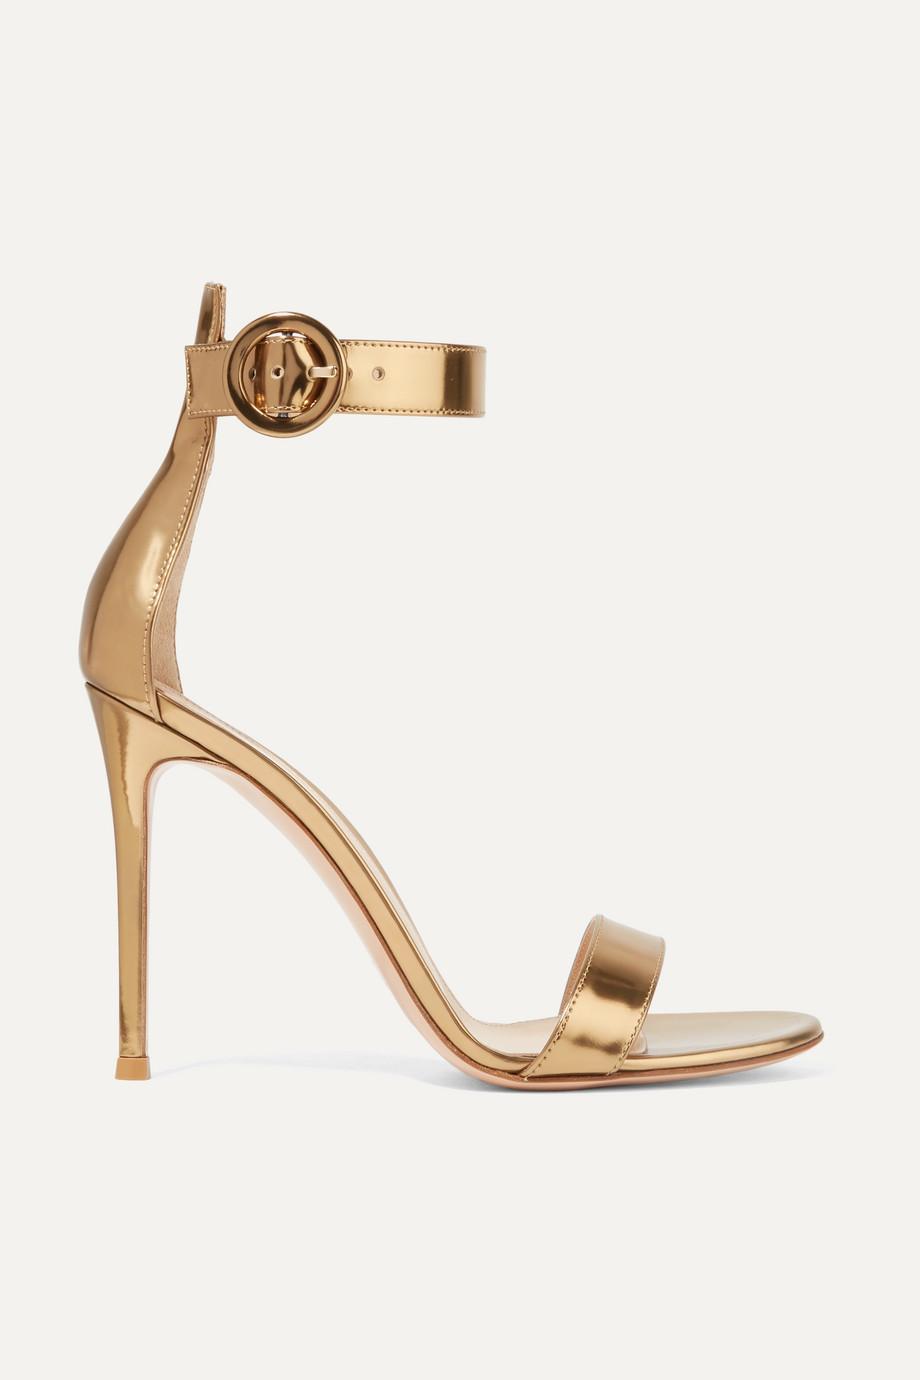 Gianvito Rossi Portofino 105 金属感皮革凉鞋